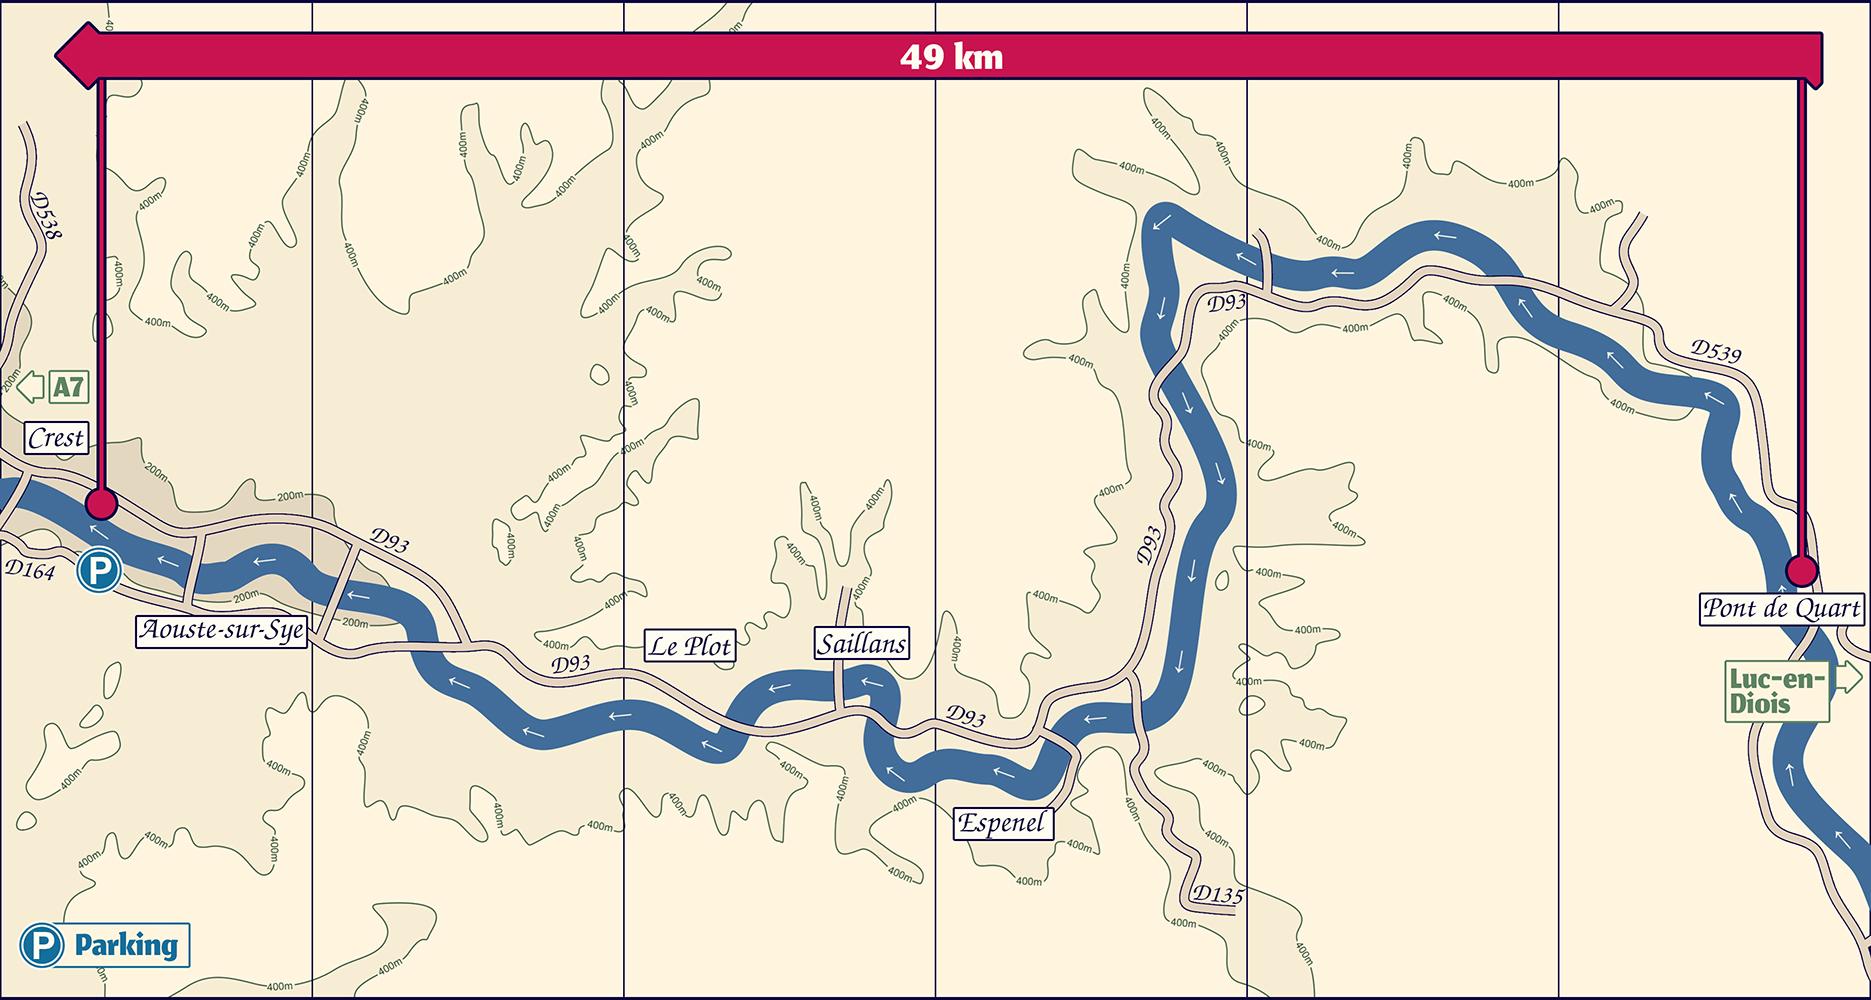 Plan de la descente de la Drôme de Pont de Quart à Crest